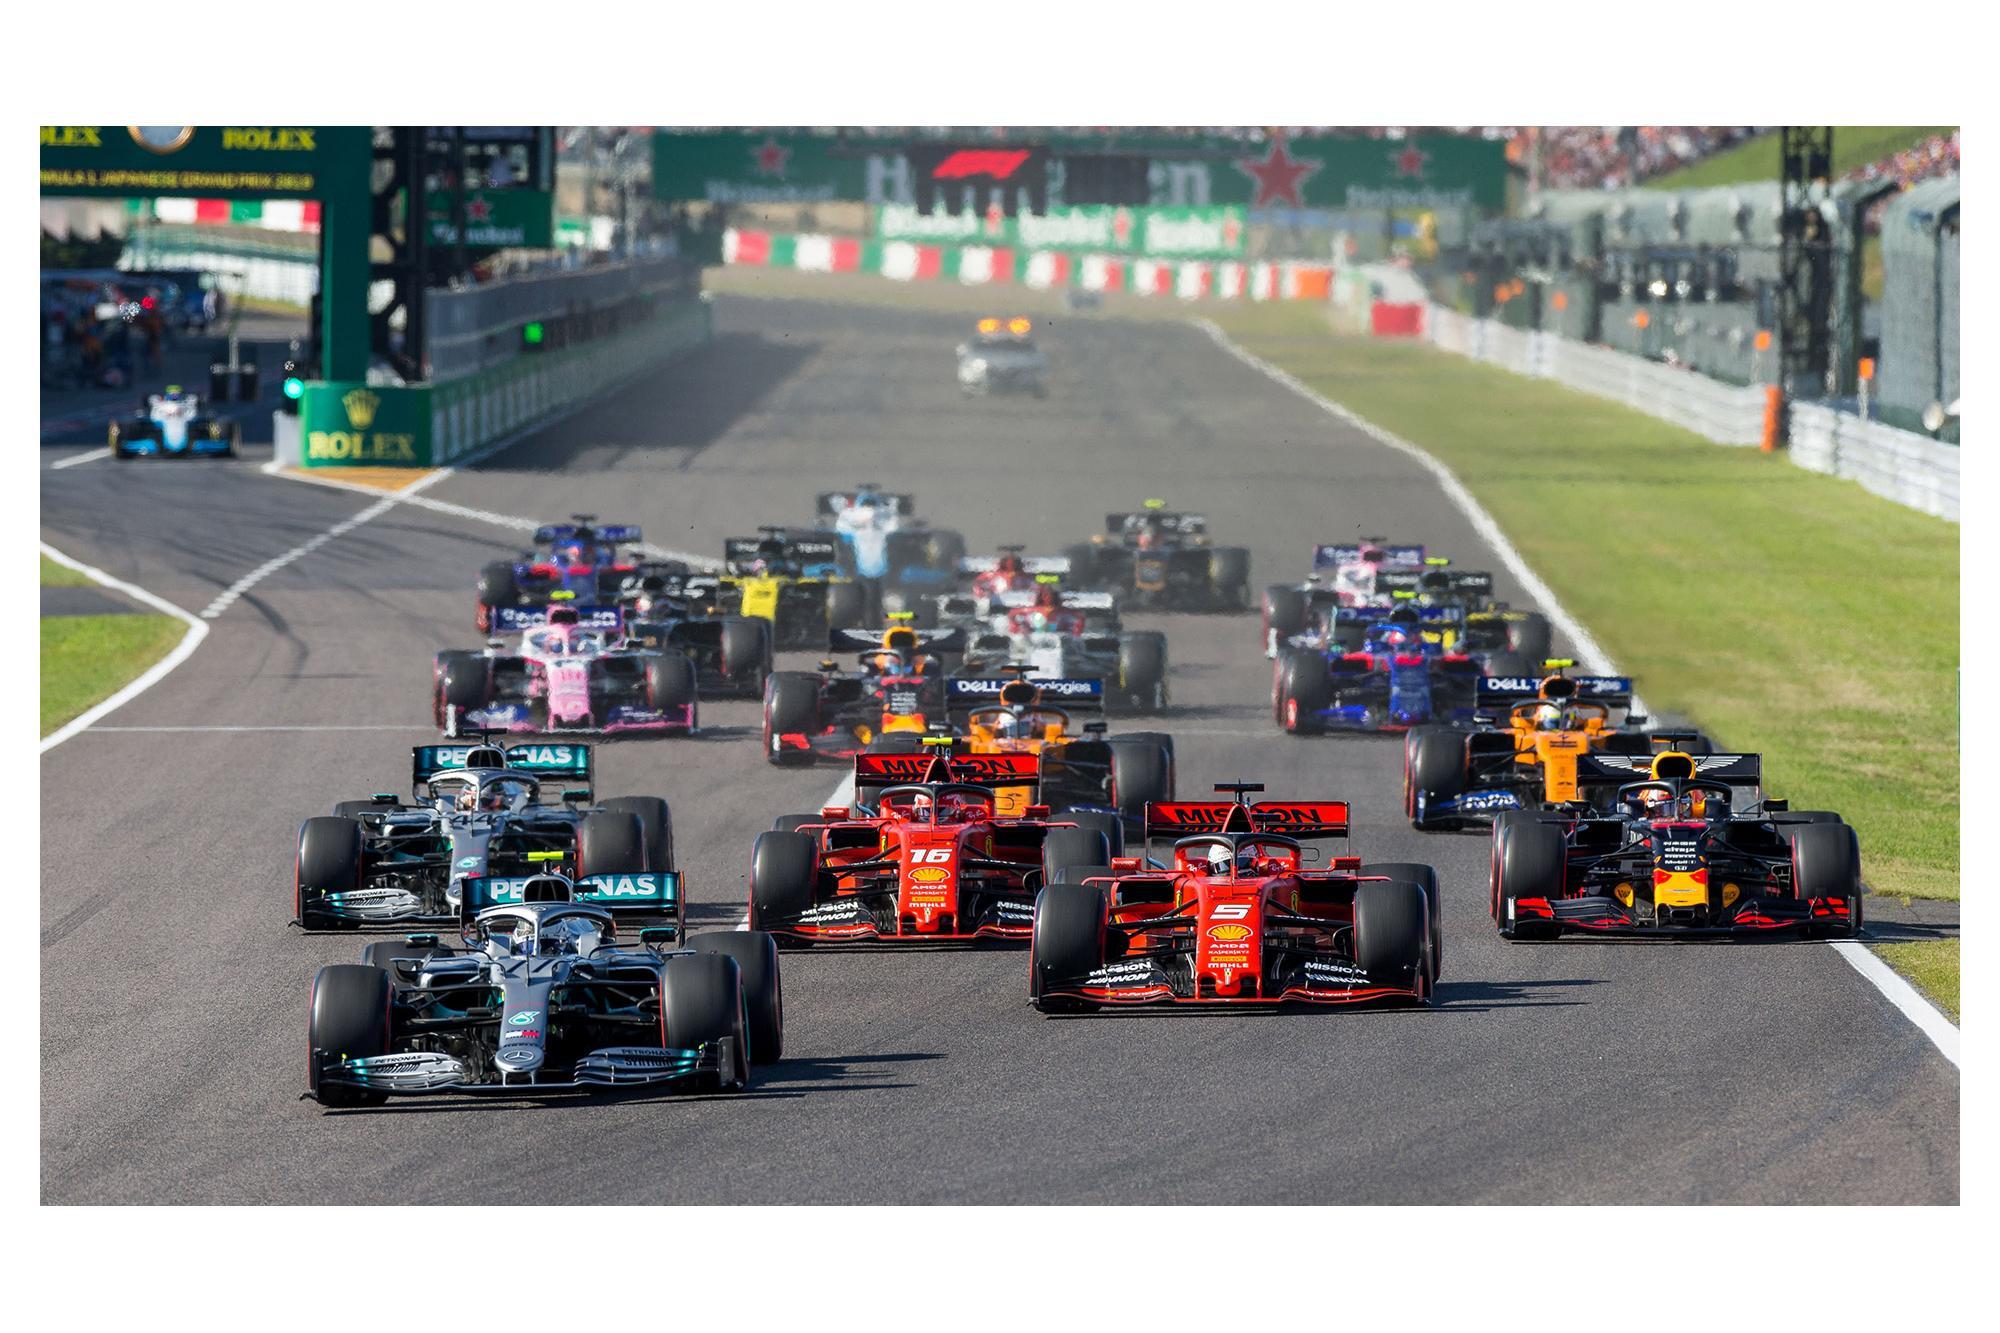 Πρωτάθλημα F1 κεκλεισμένων των θυρών;